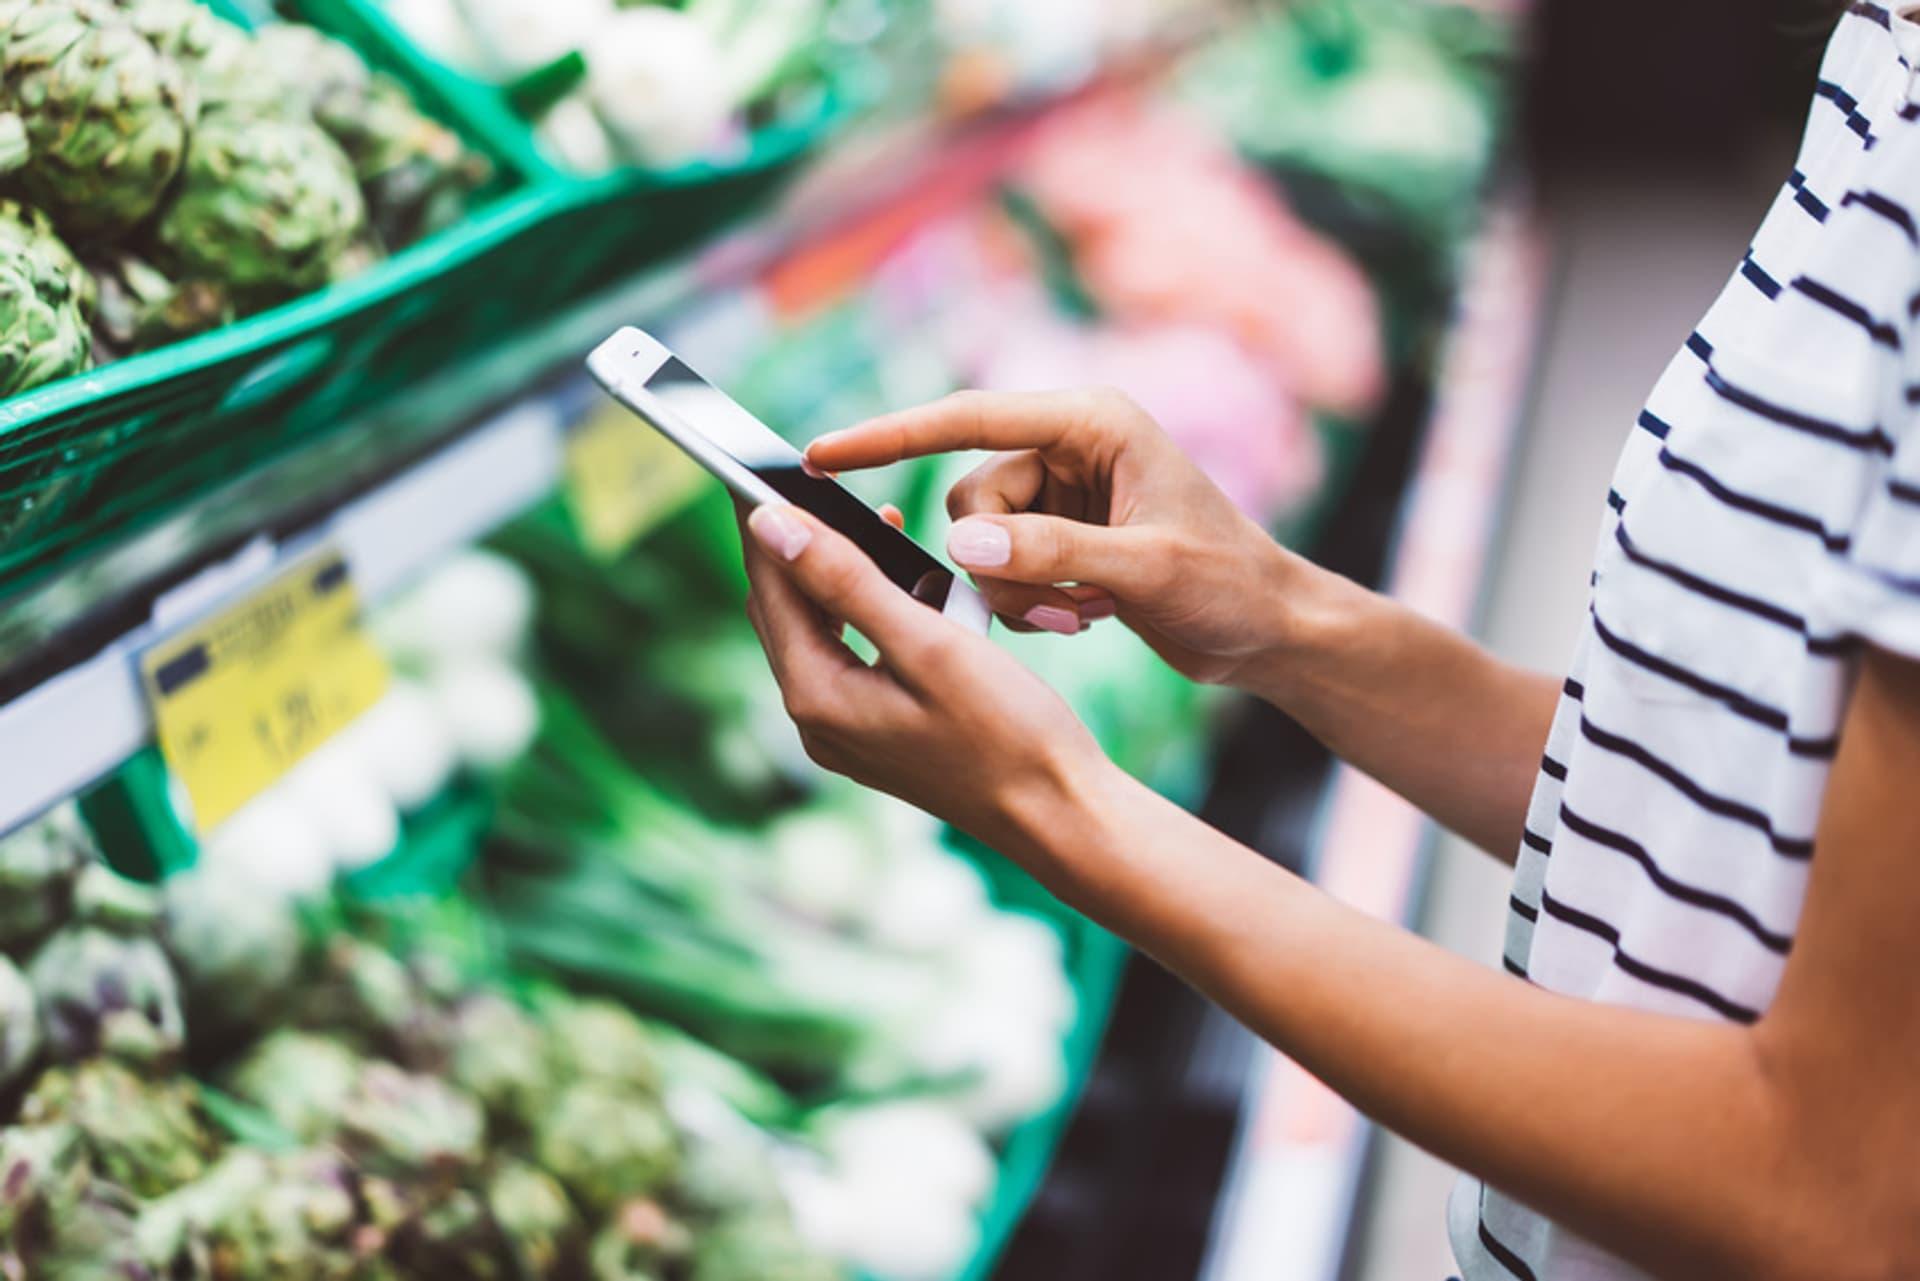 Eine Frau steht vor einem grünen Supermarktregal mit verschiedenen Gemüsesorten und schaut etwas auf ihrem Smartphone nach.